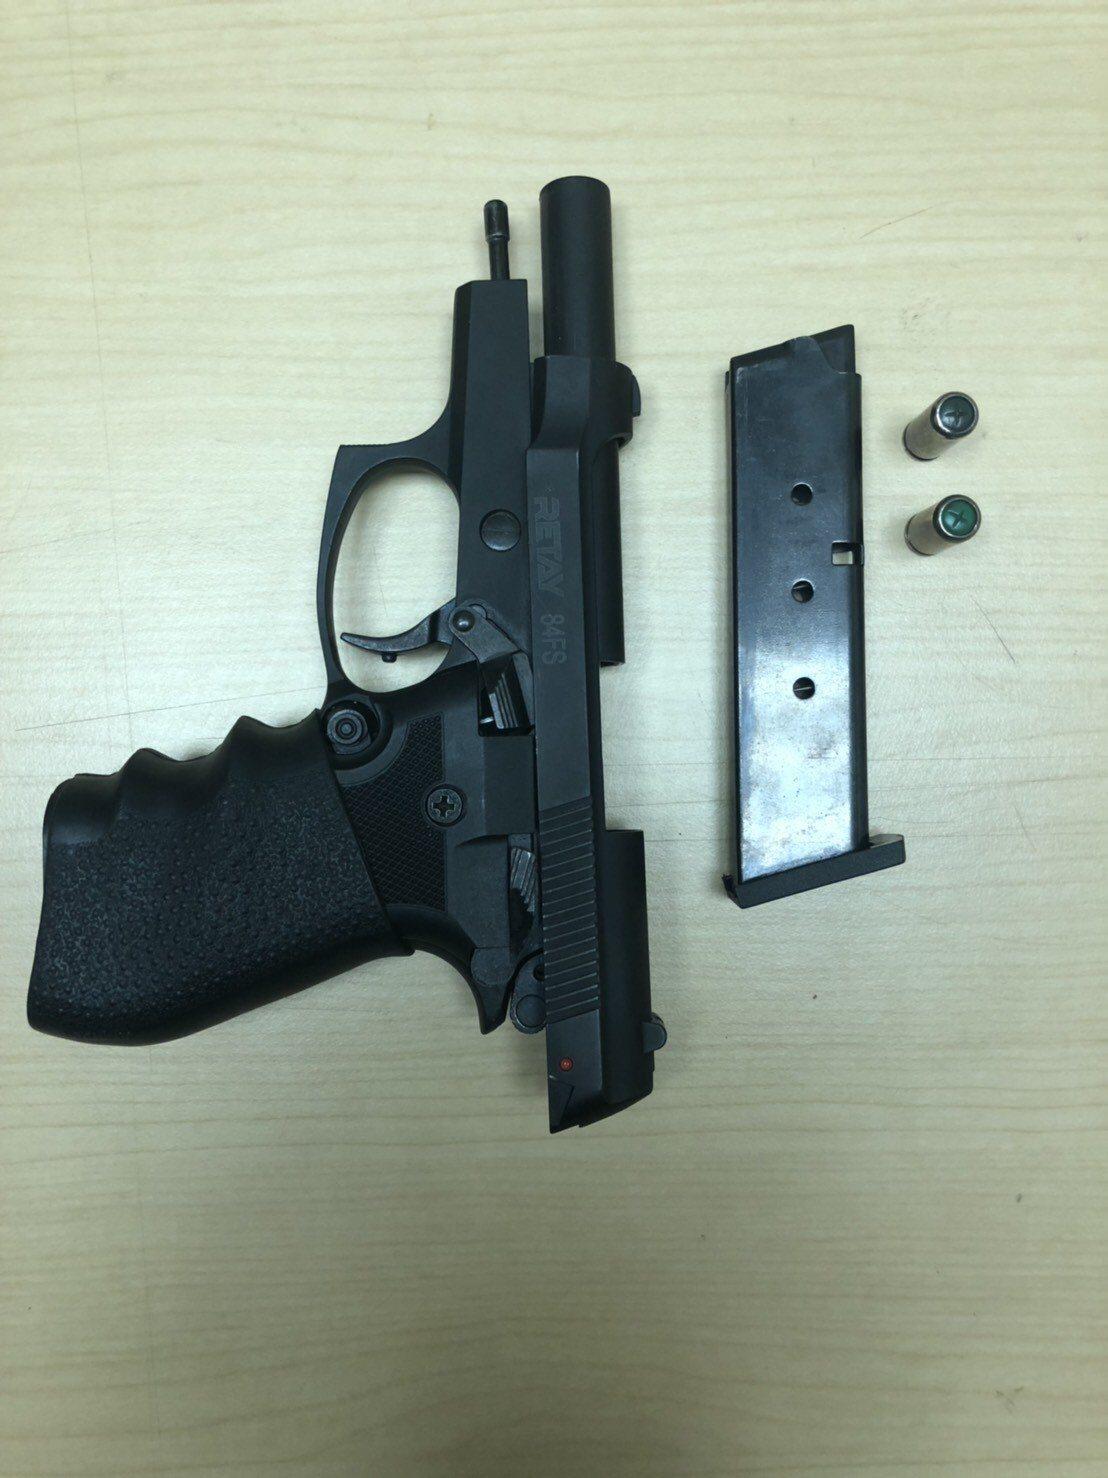 趙姓男子被警方查緝到案,並起獲一把道具手槍和兩顆子彈。記者李承穎/翻攝